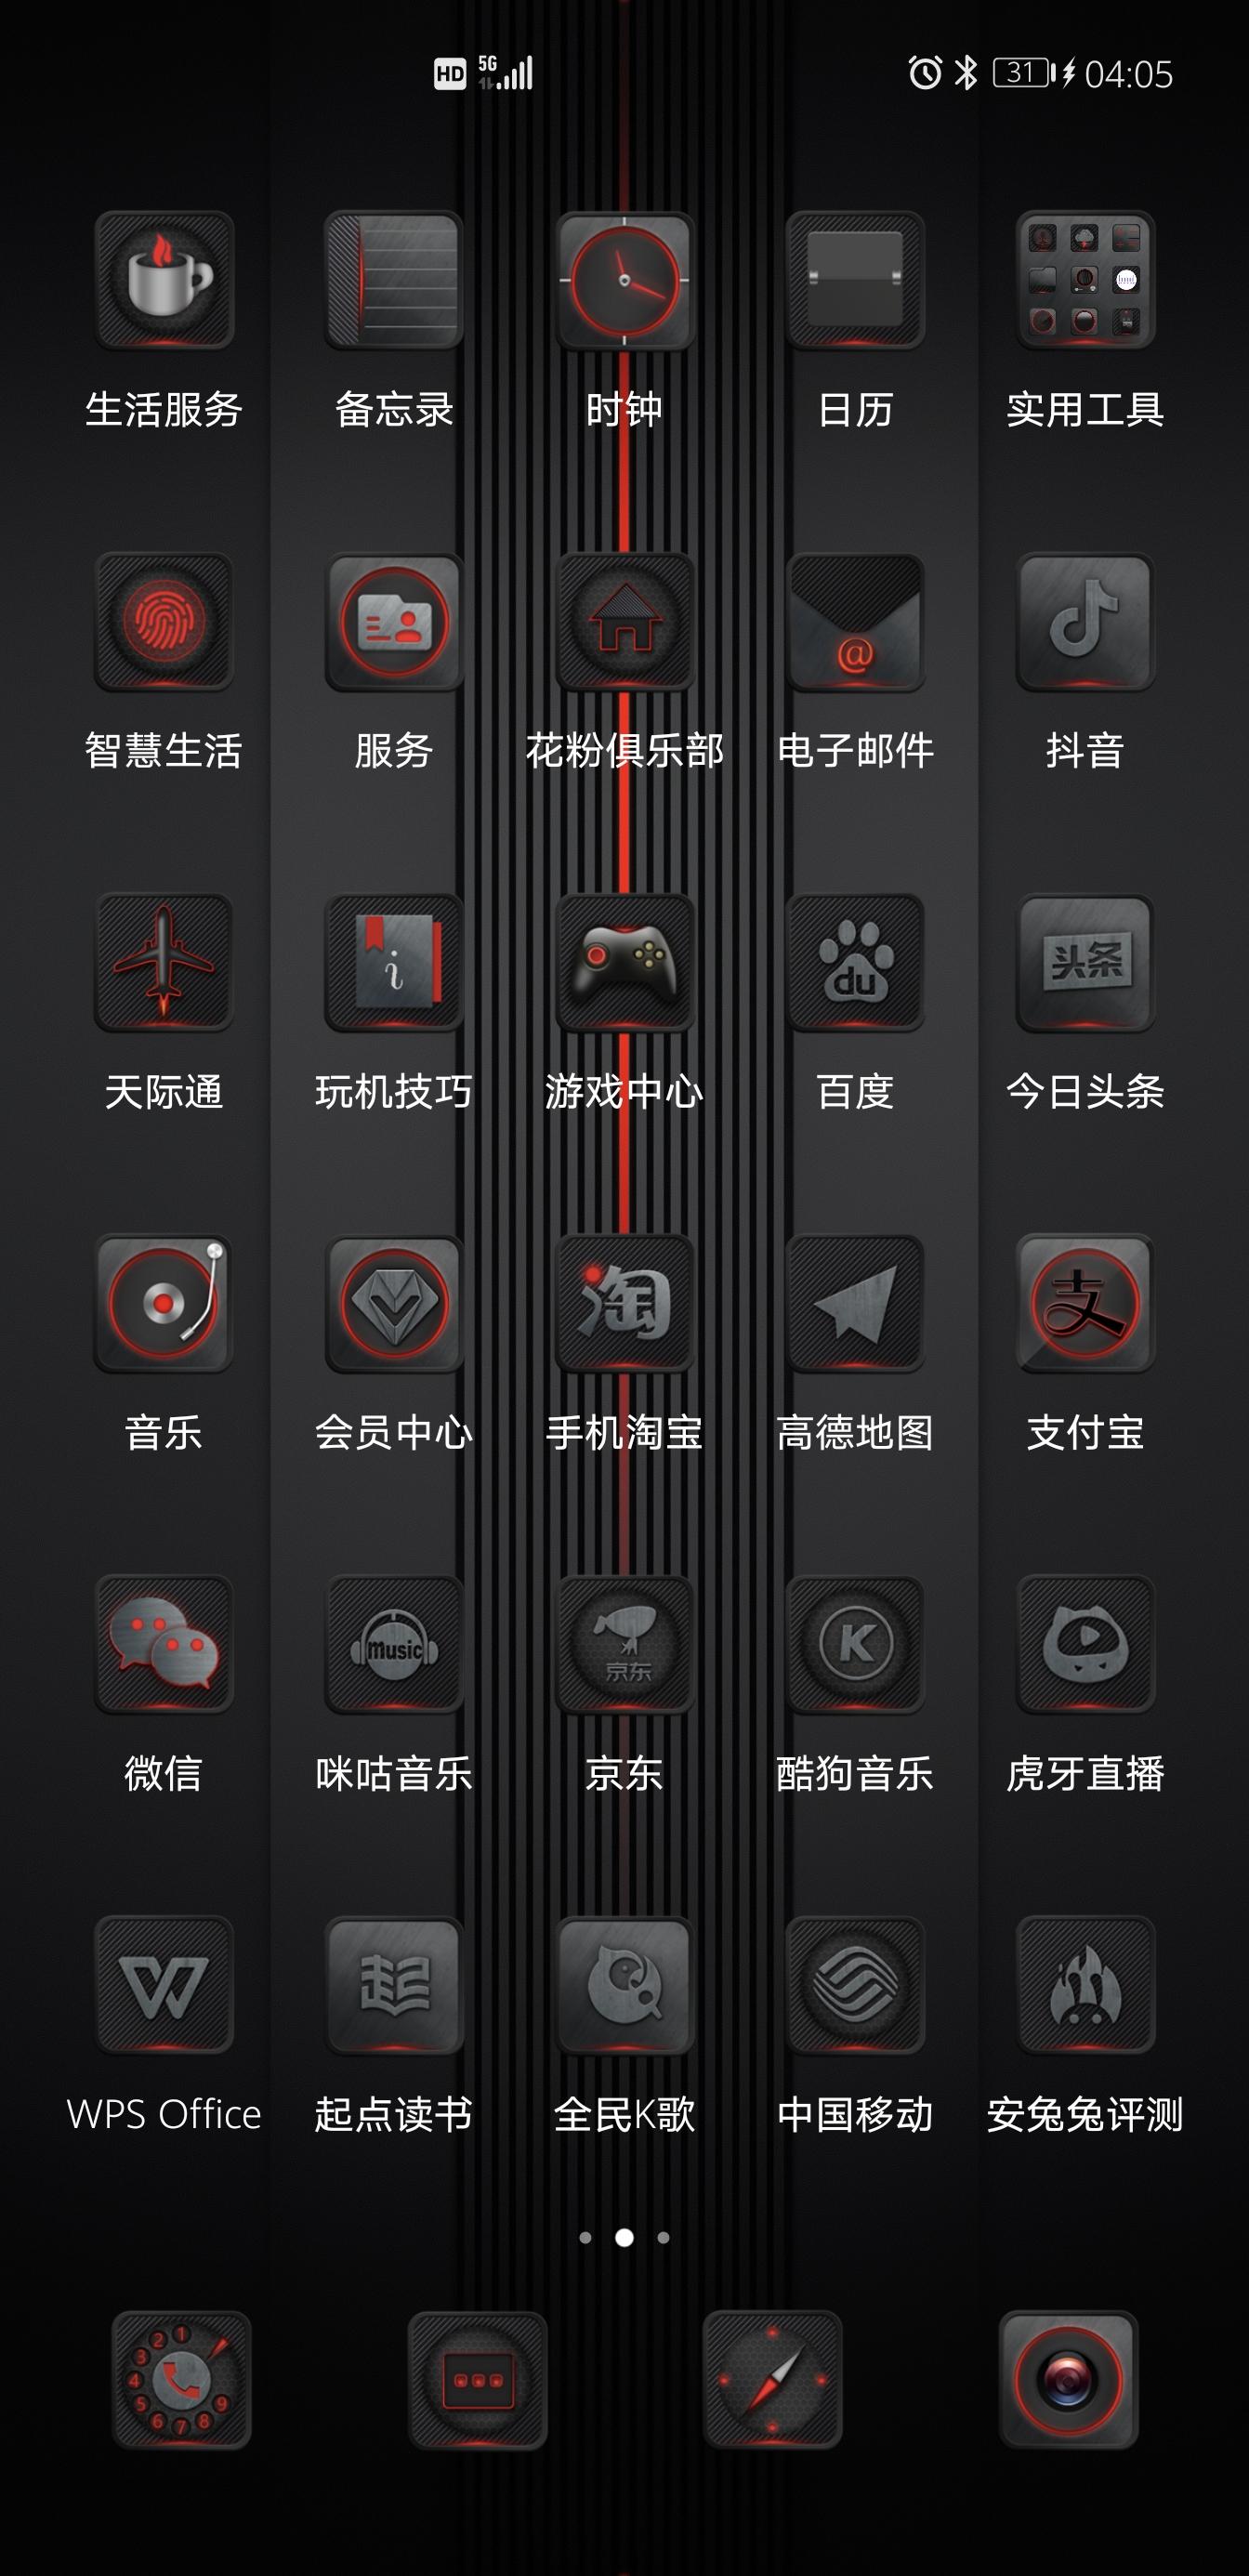 Screenshot_20201123_040537_com.huawei.android.launcher.jpg